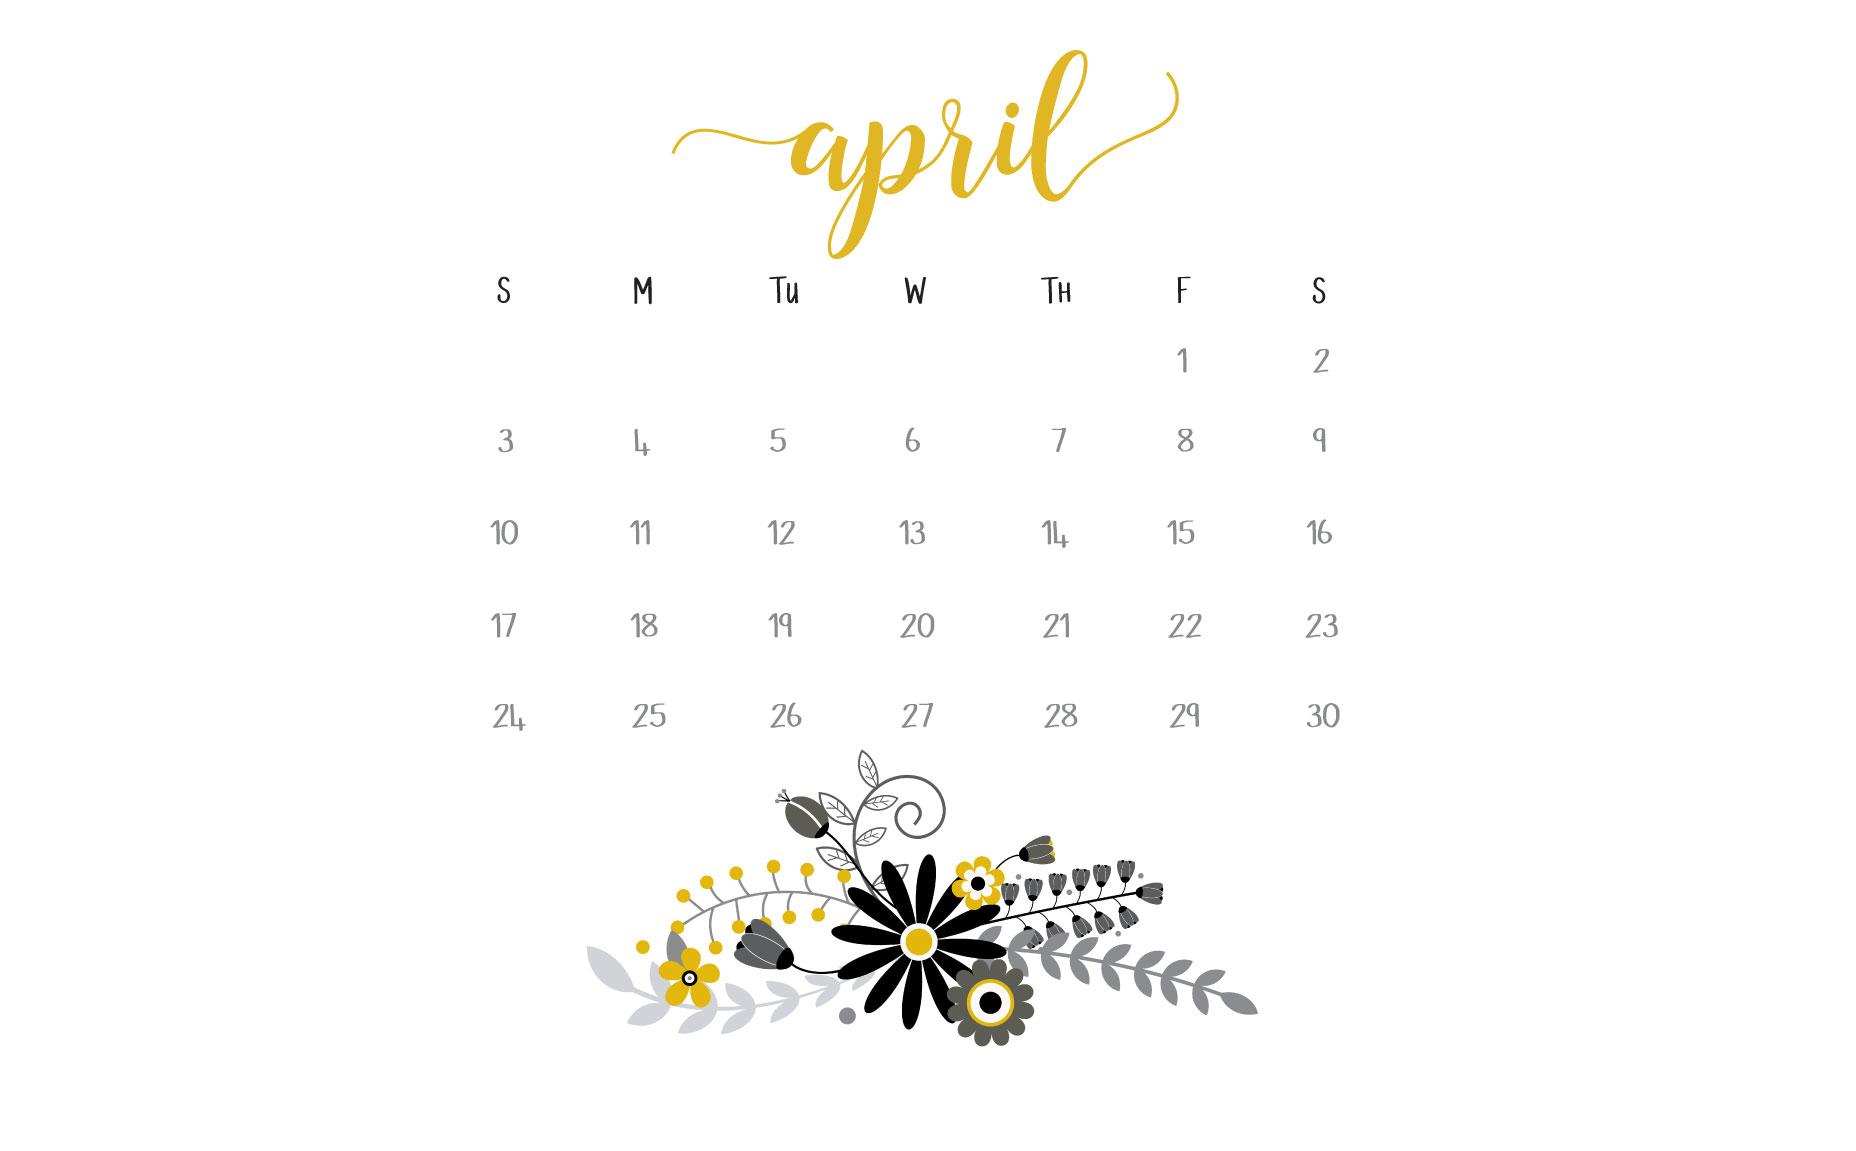 Desktop Calendar April 2016 april 2016 calendar wallpaper - wallpapersafari